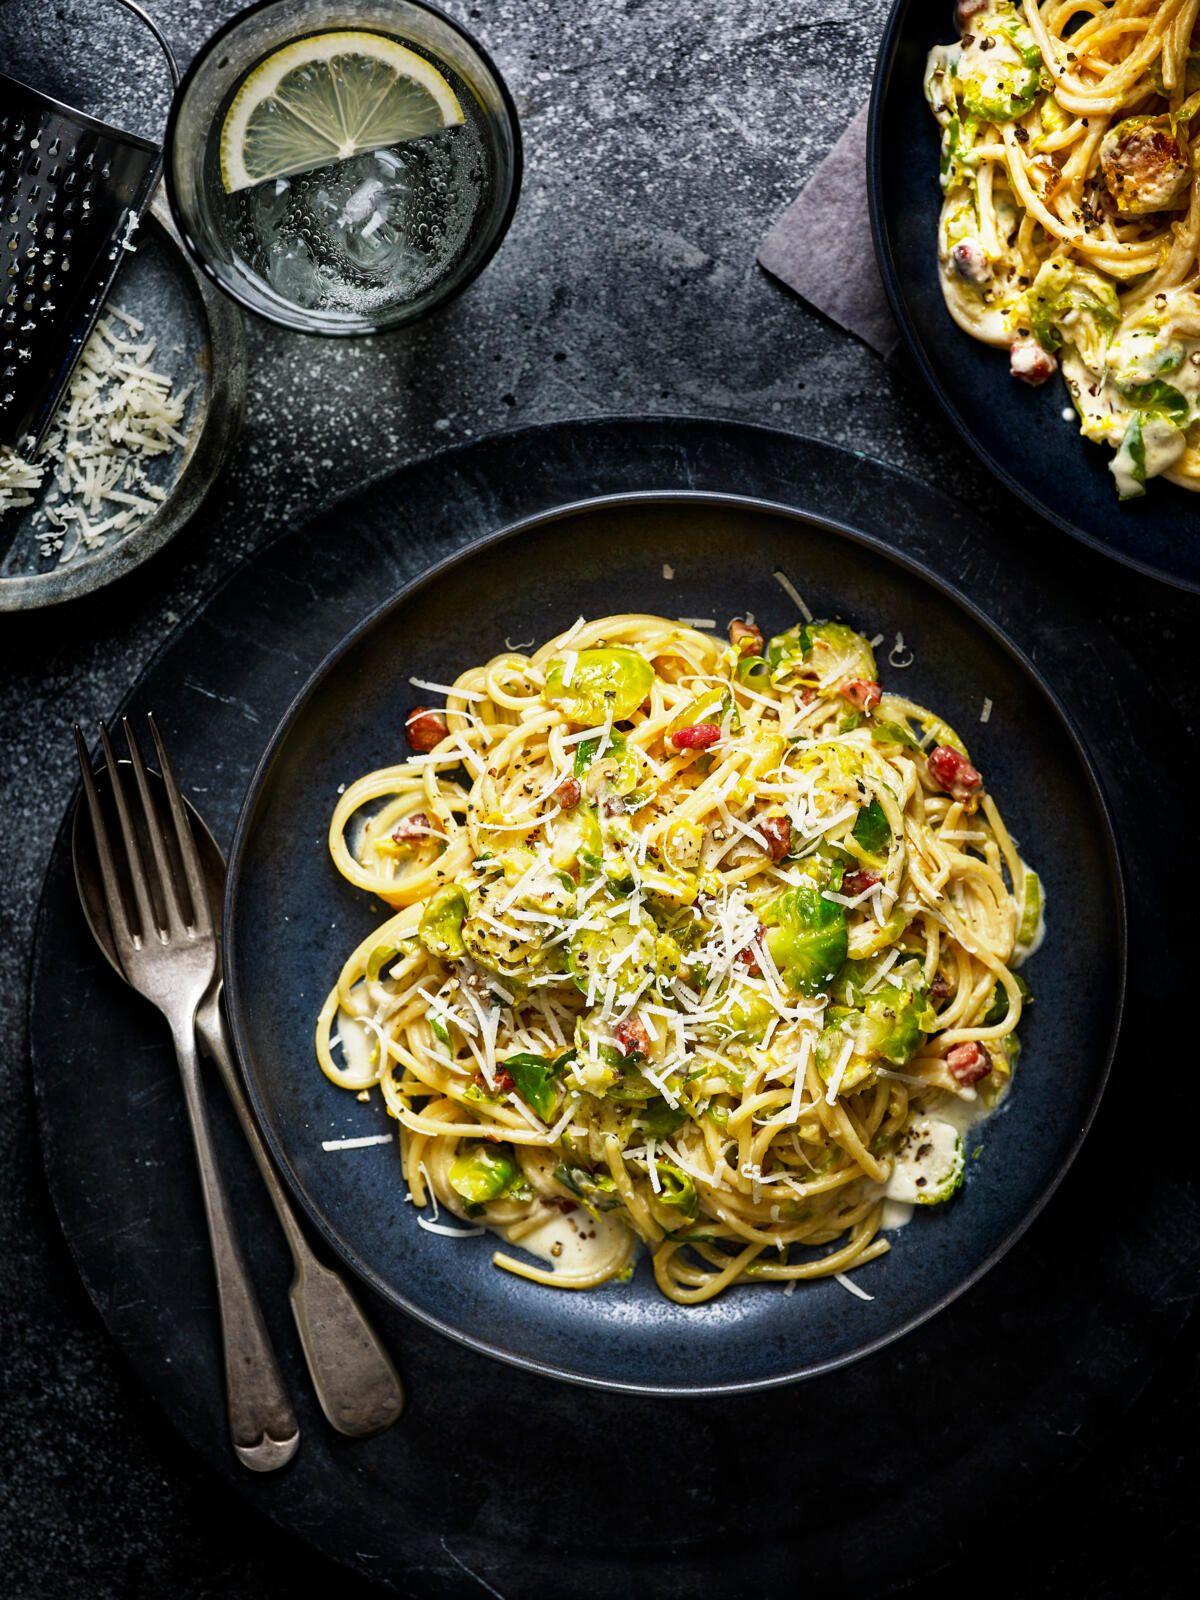 Sprouts Pancetta Creamy Spaghetti